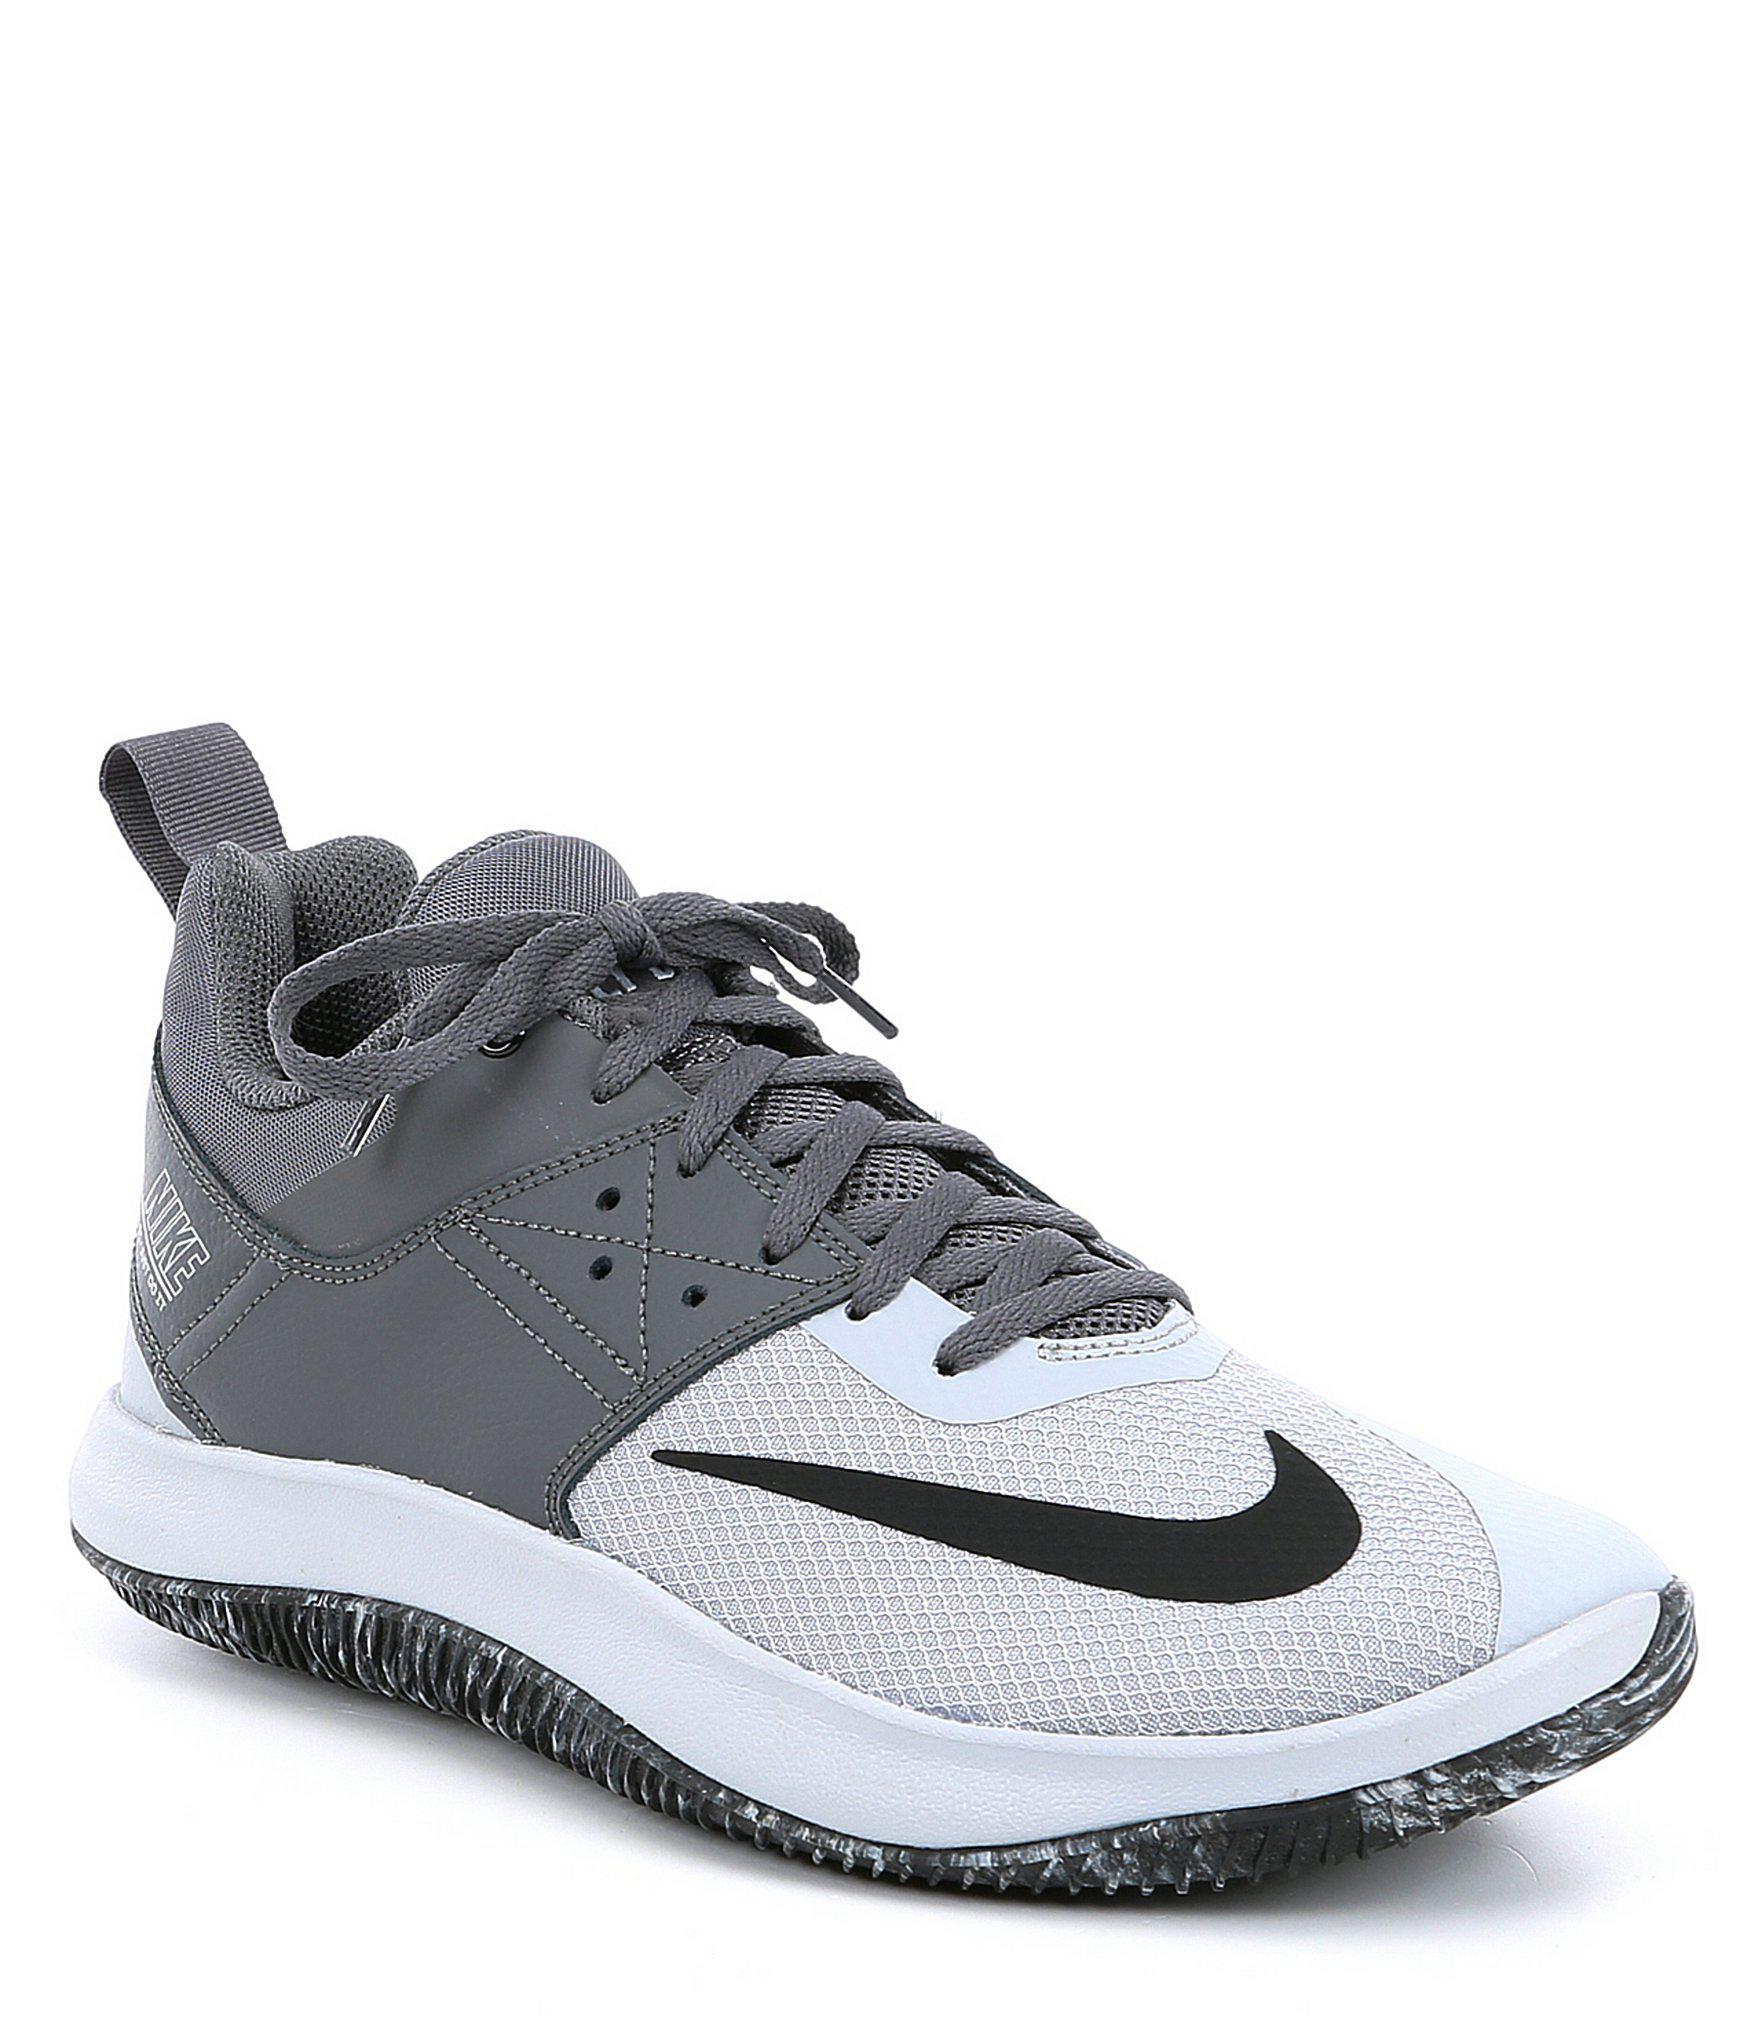 ce98c985cf15 Lyst - Nike Men s Fly By Low Ii Basketball Shoe in Gray for Men